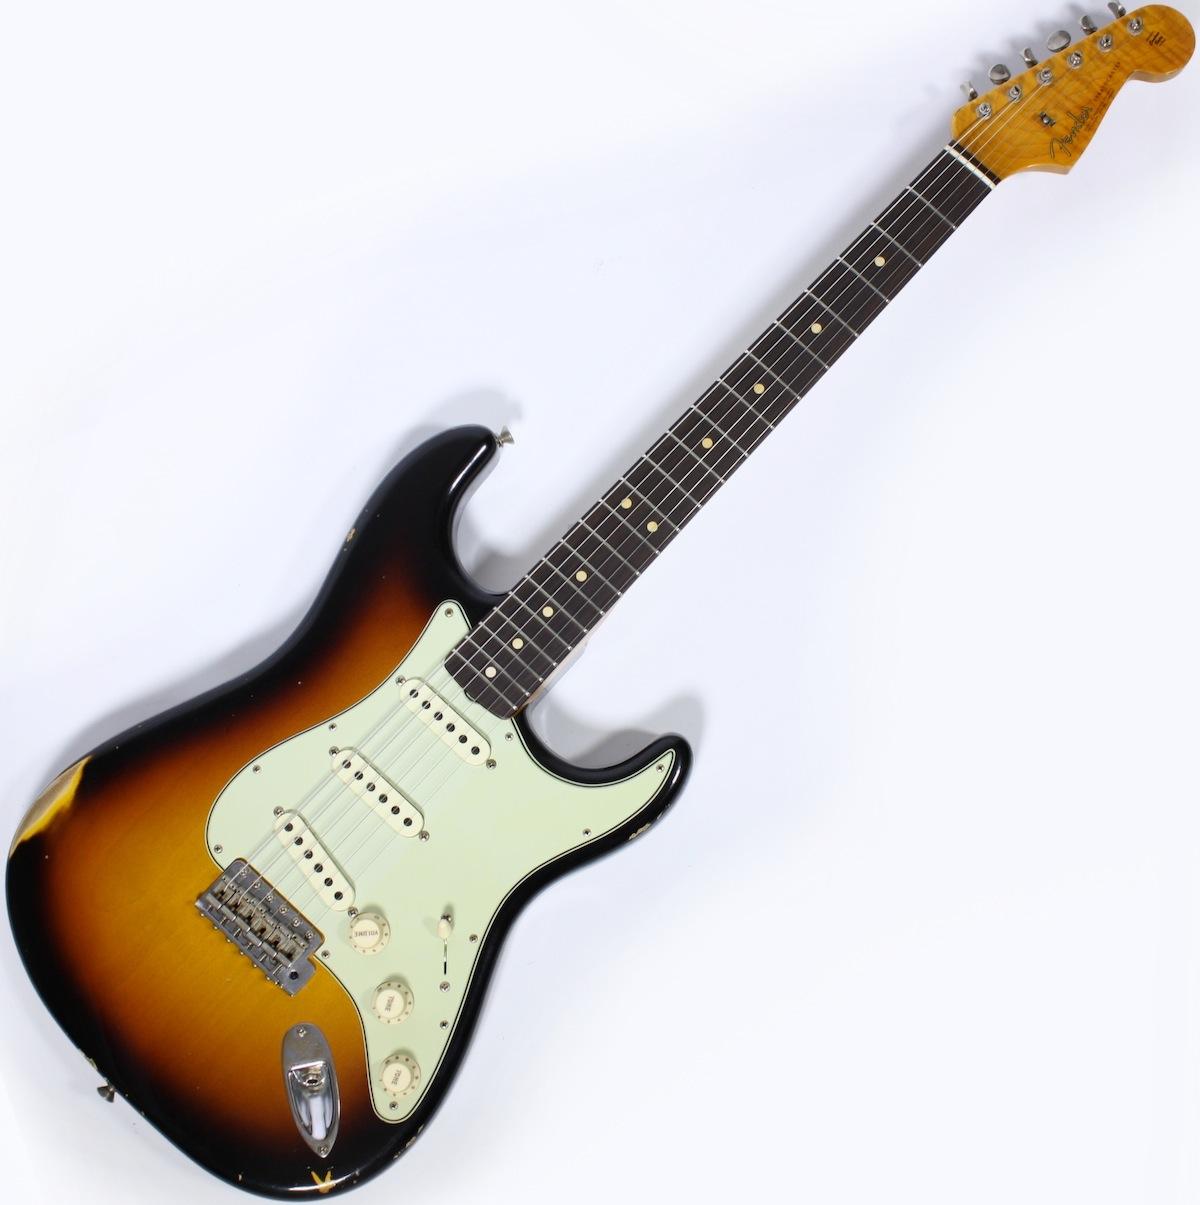 2019 Fender 2016 LTD NAMM 64 Stratocaster